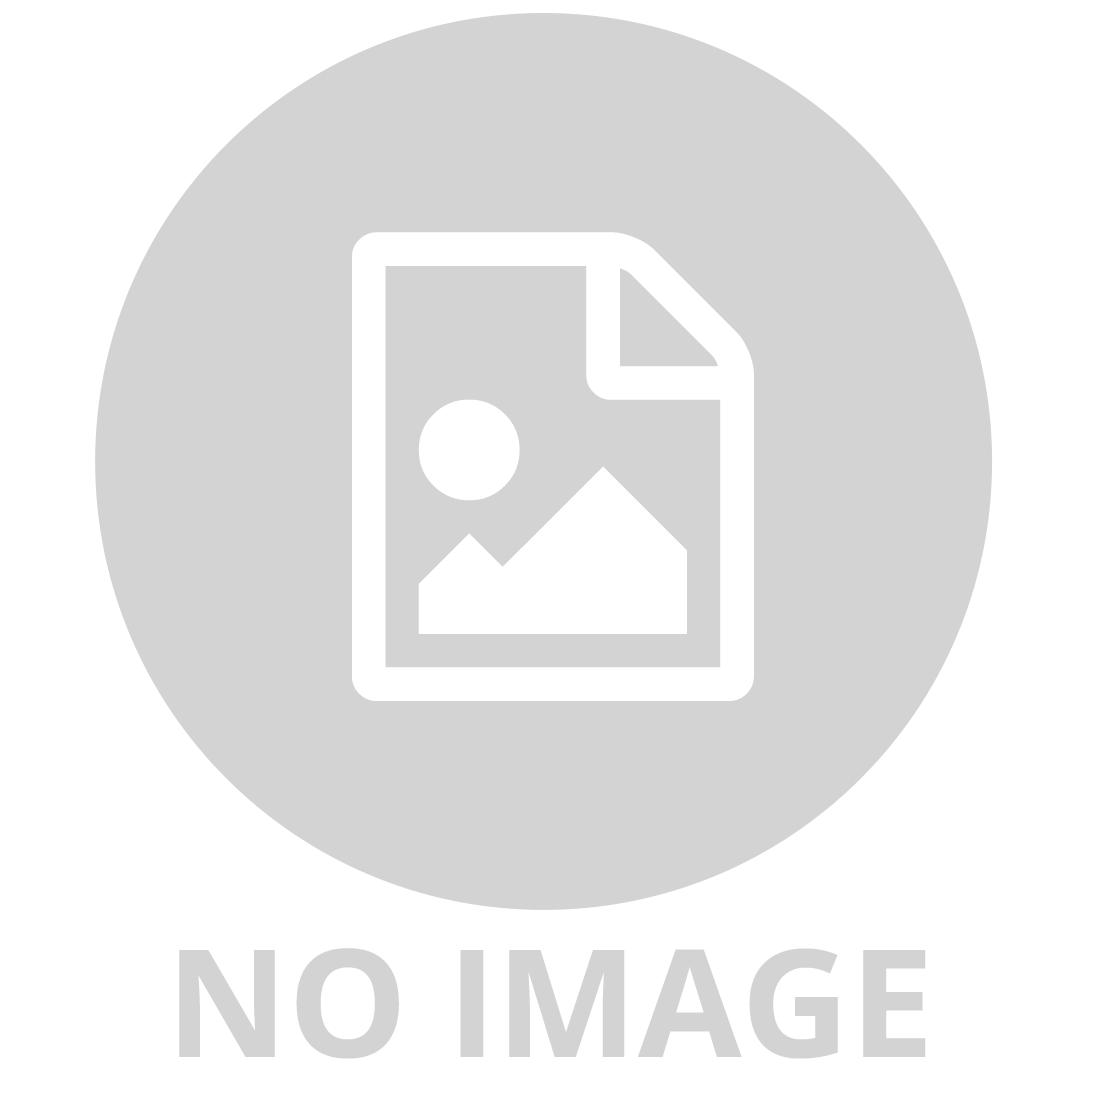 STAR WARS  LEGO LEDLITE